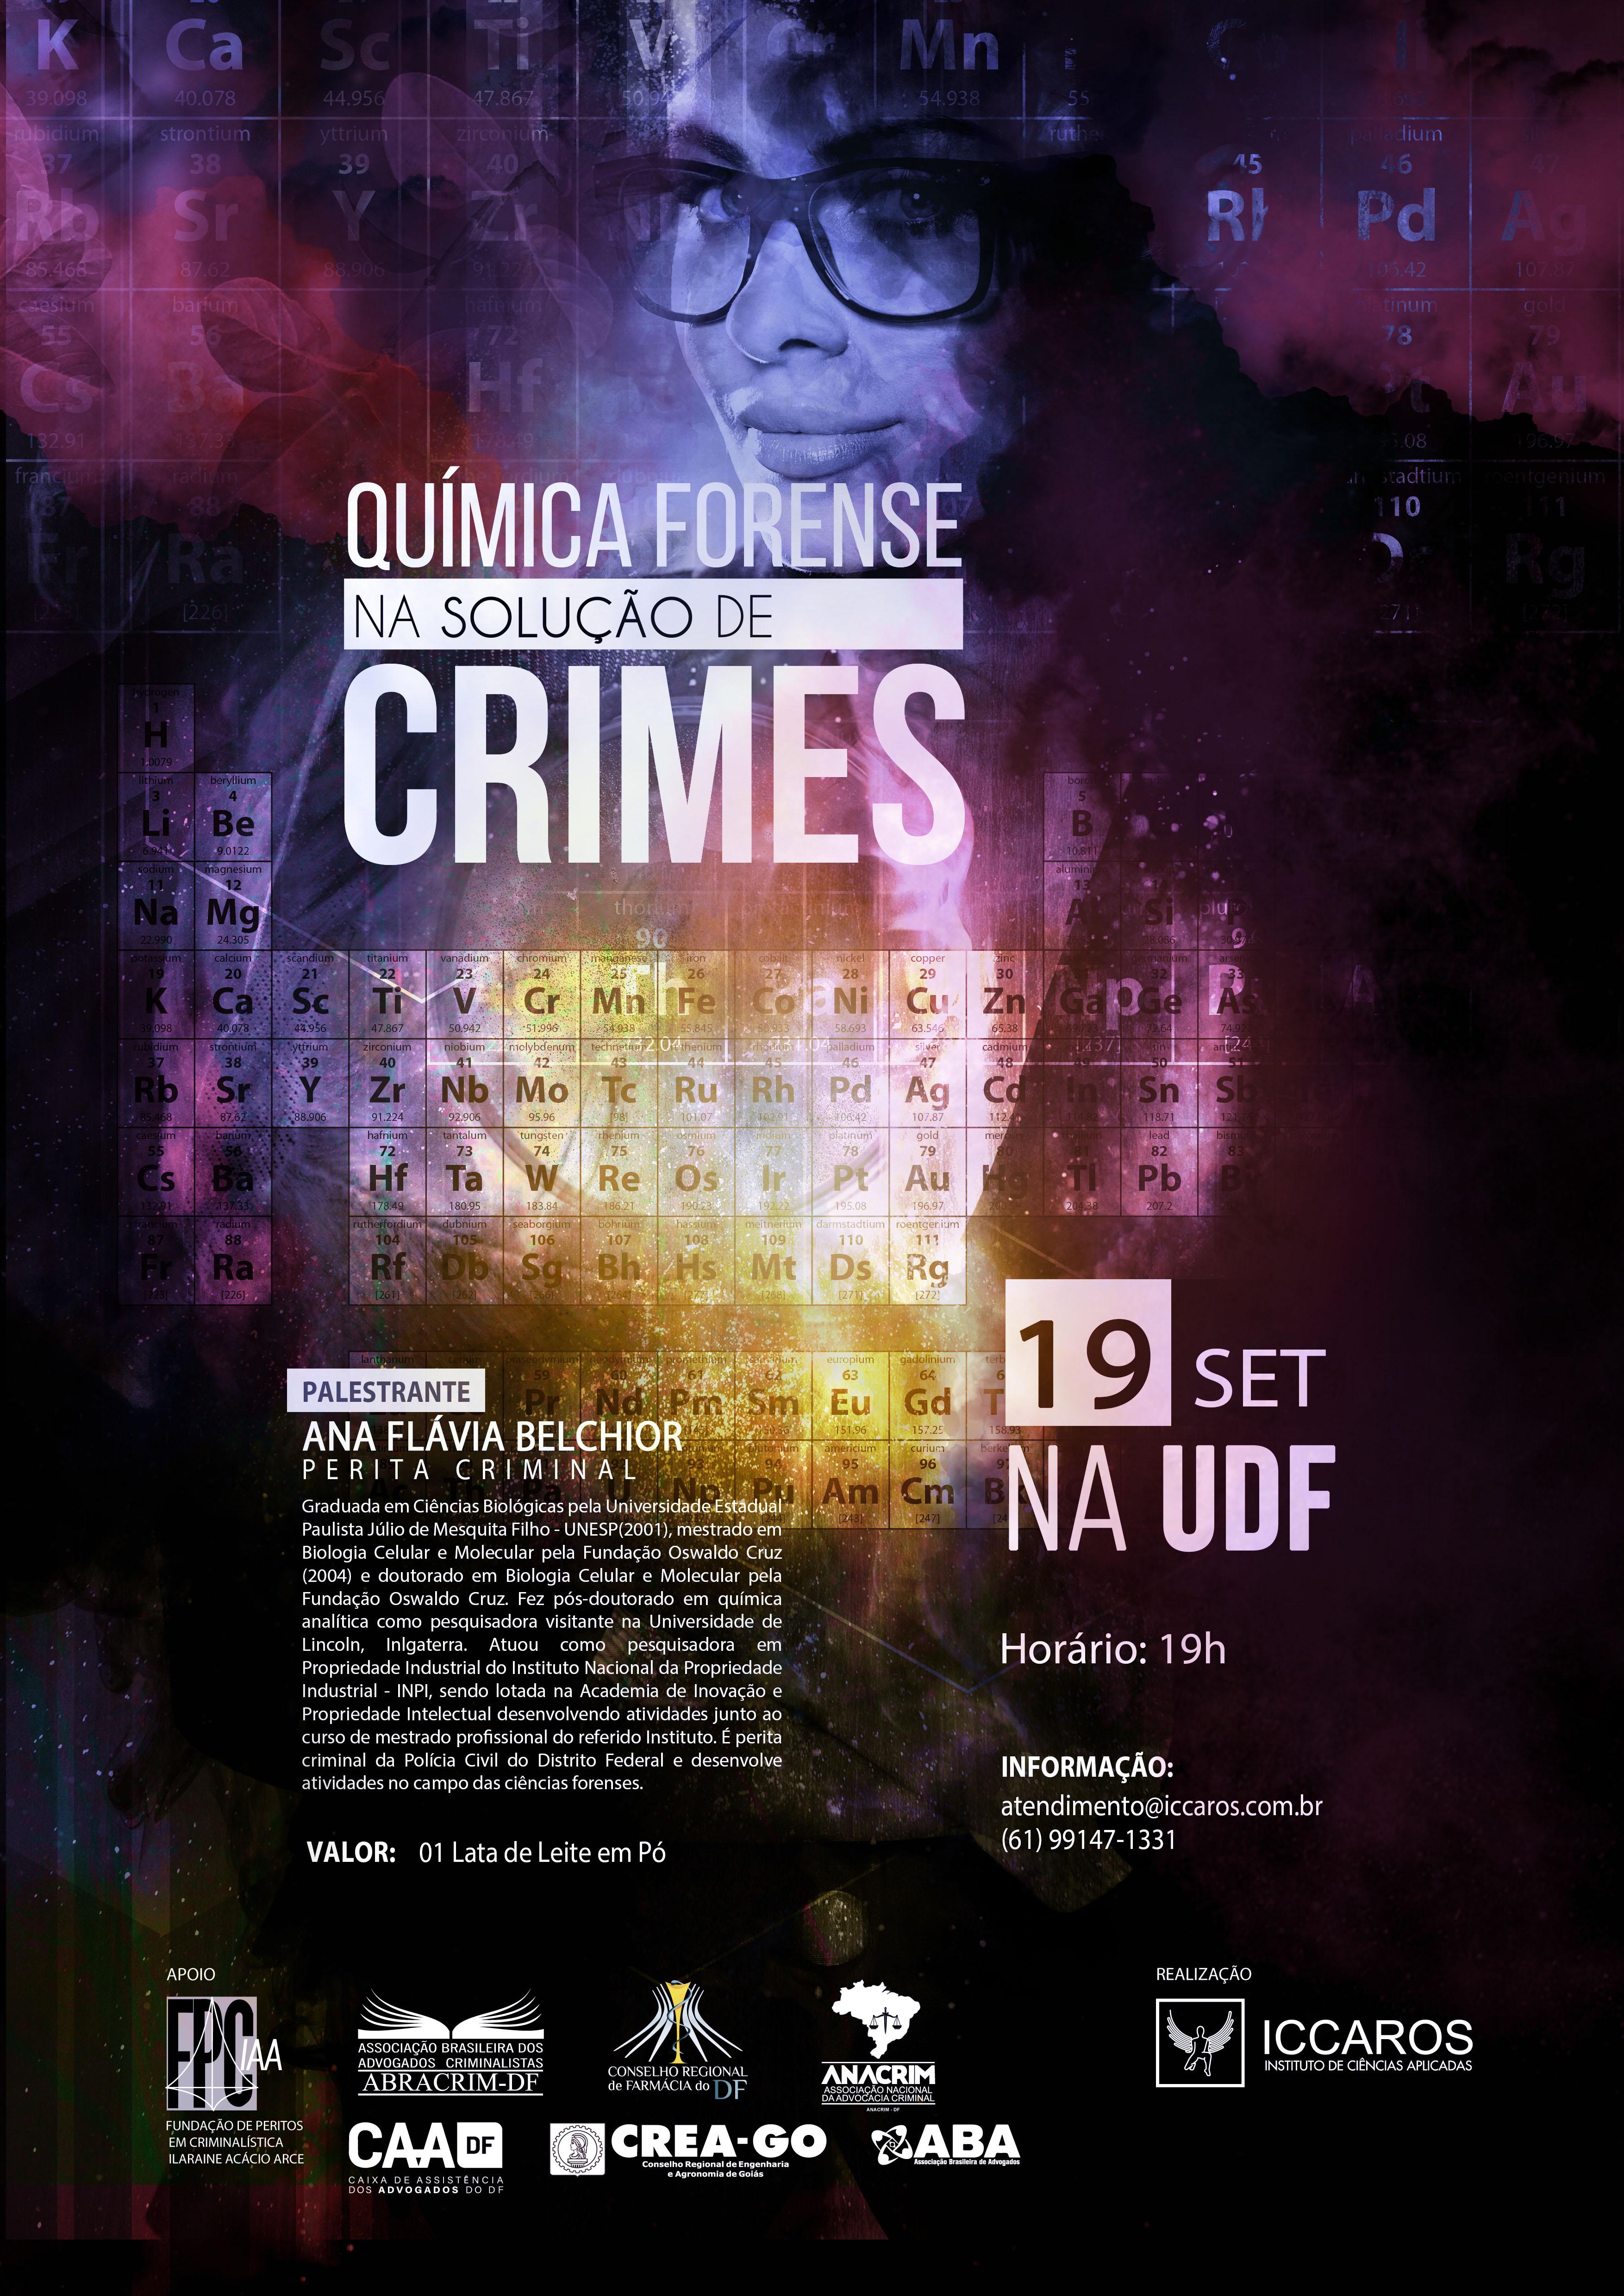 O papel da química forense na solução de crimes